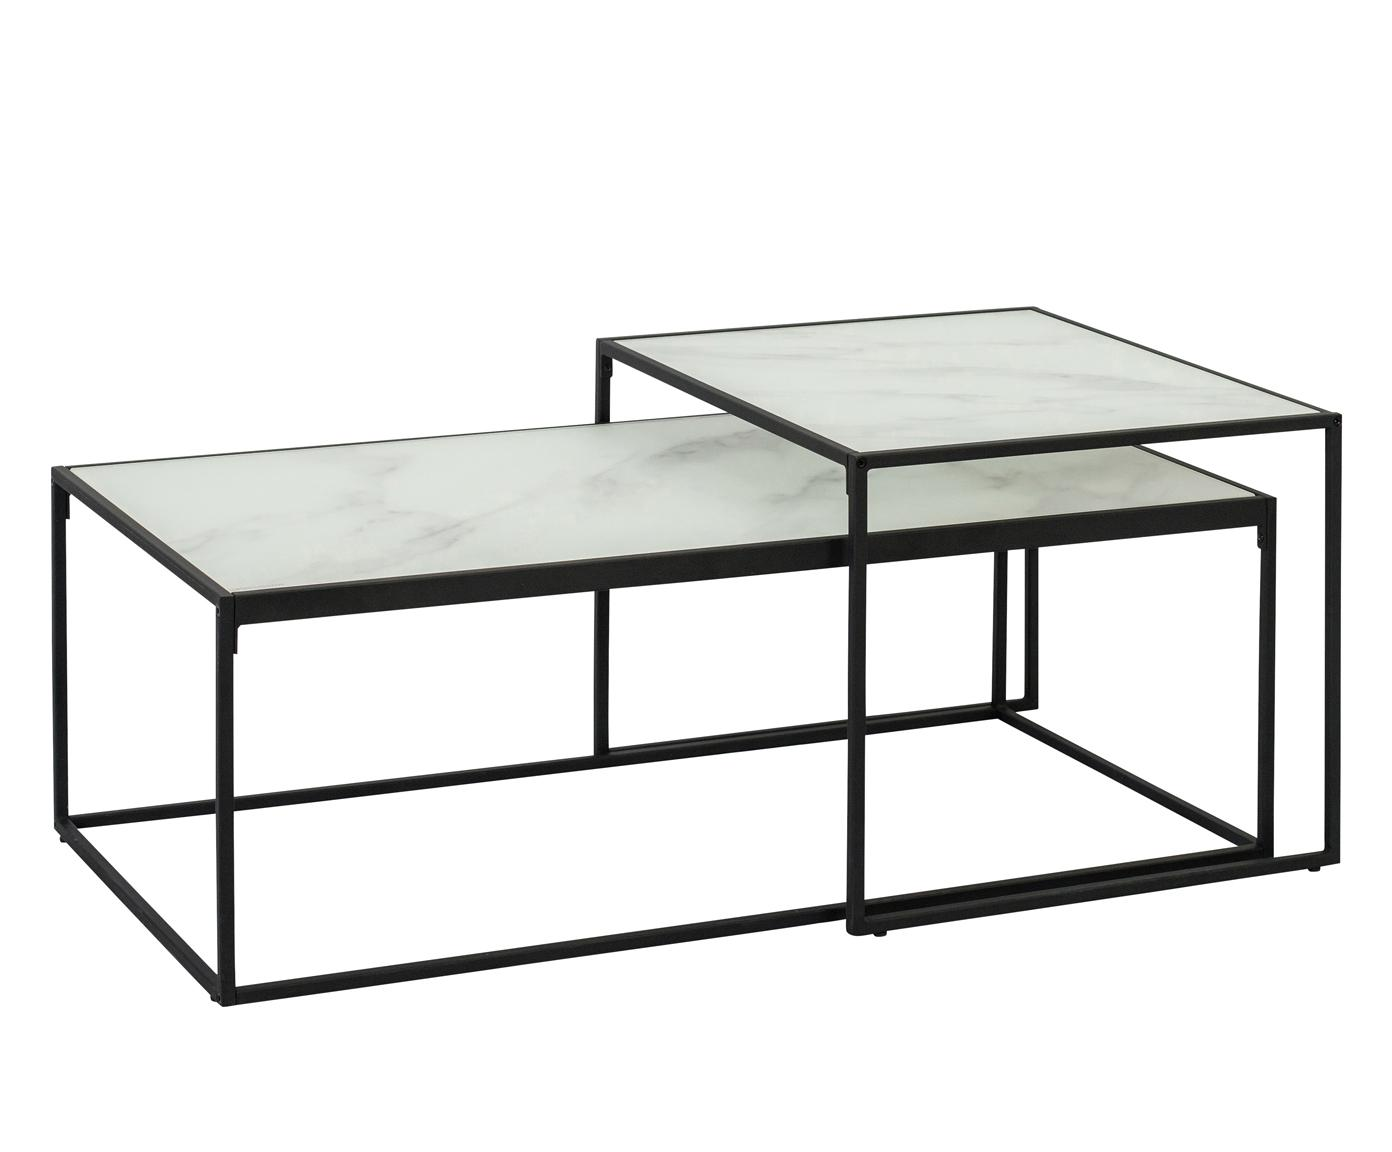 Couchtisch 2er-Set Bolton mit Glasplatten, Gestell: Metall, pulverbeschichtet, Weiss, Verschiedene Grössen